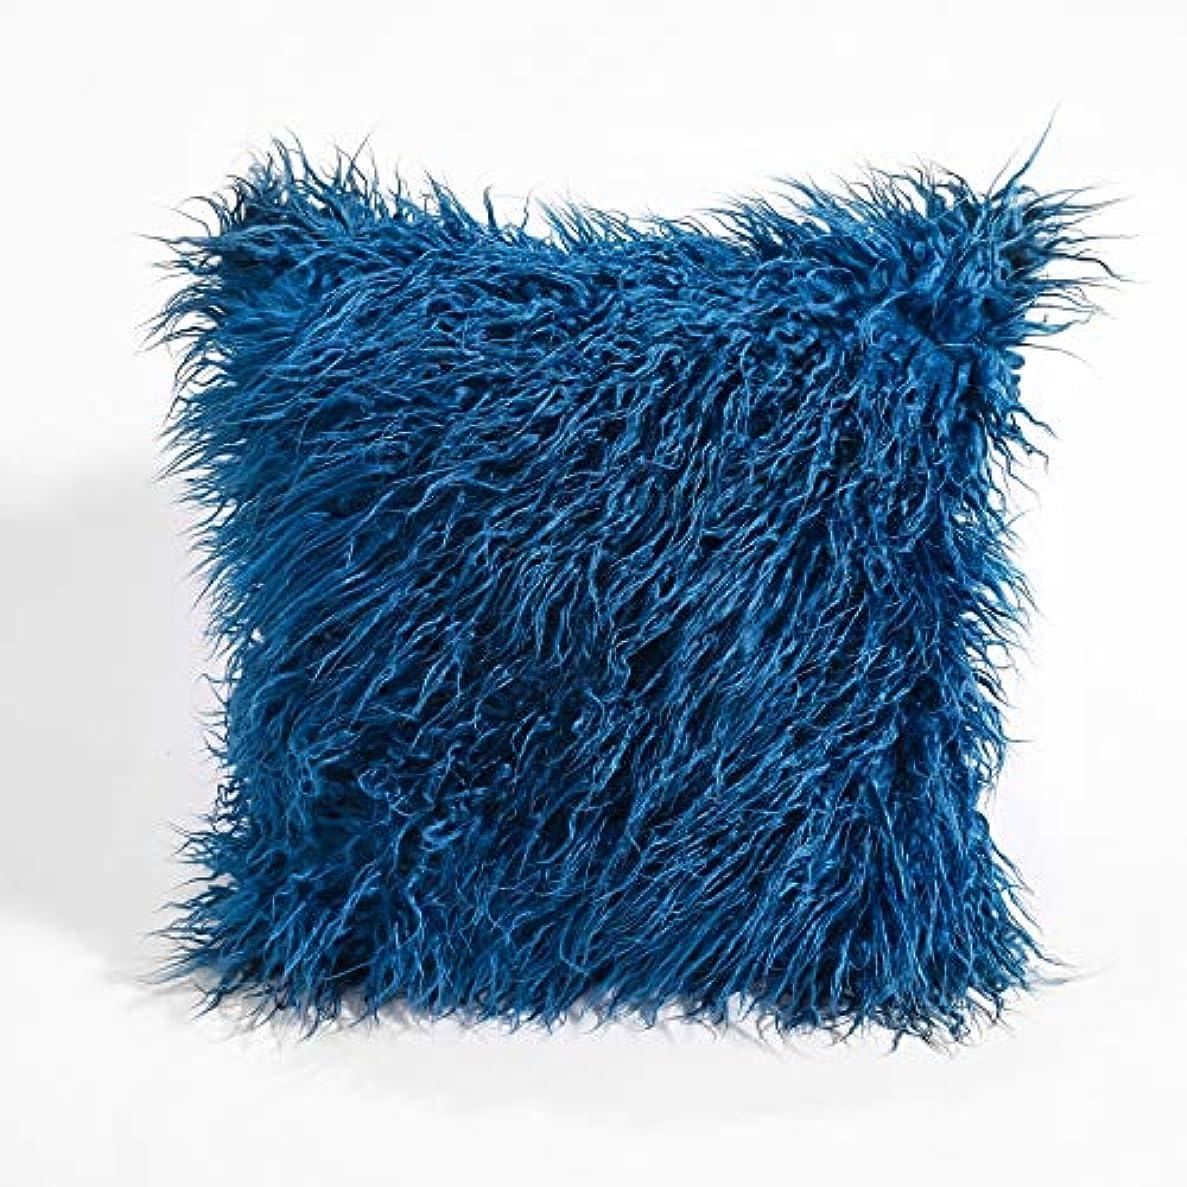 ホーン複数有益LVESHOP 装飾的な新しい高級シリーズメリノスタイルブラックフェイクファースローピローケースクッションカバー(5パック) (色 : 青, Size : 5 pack)